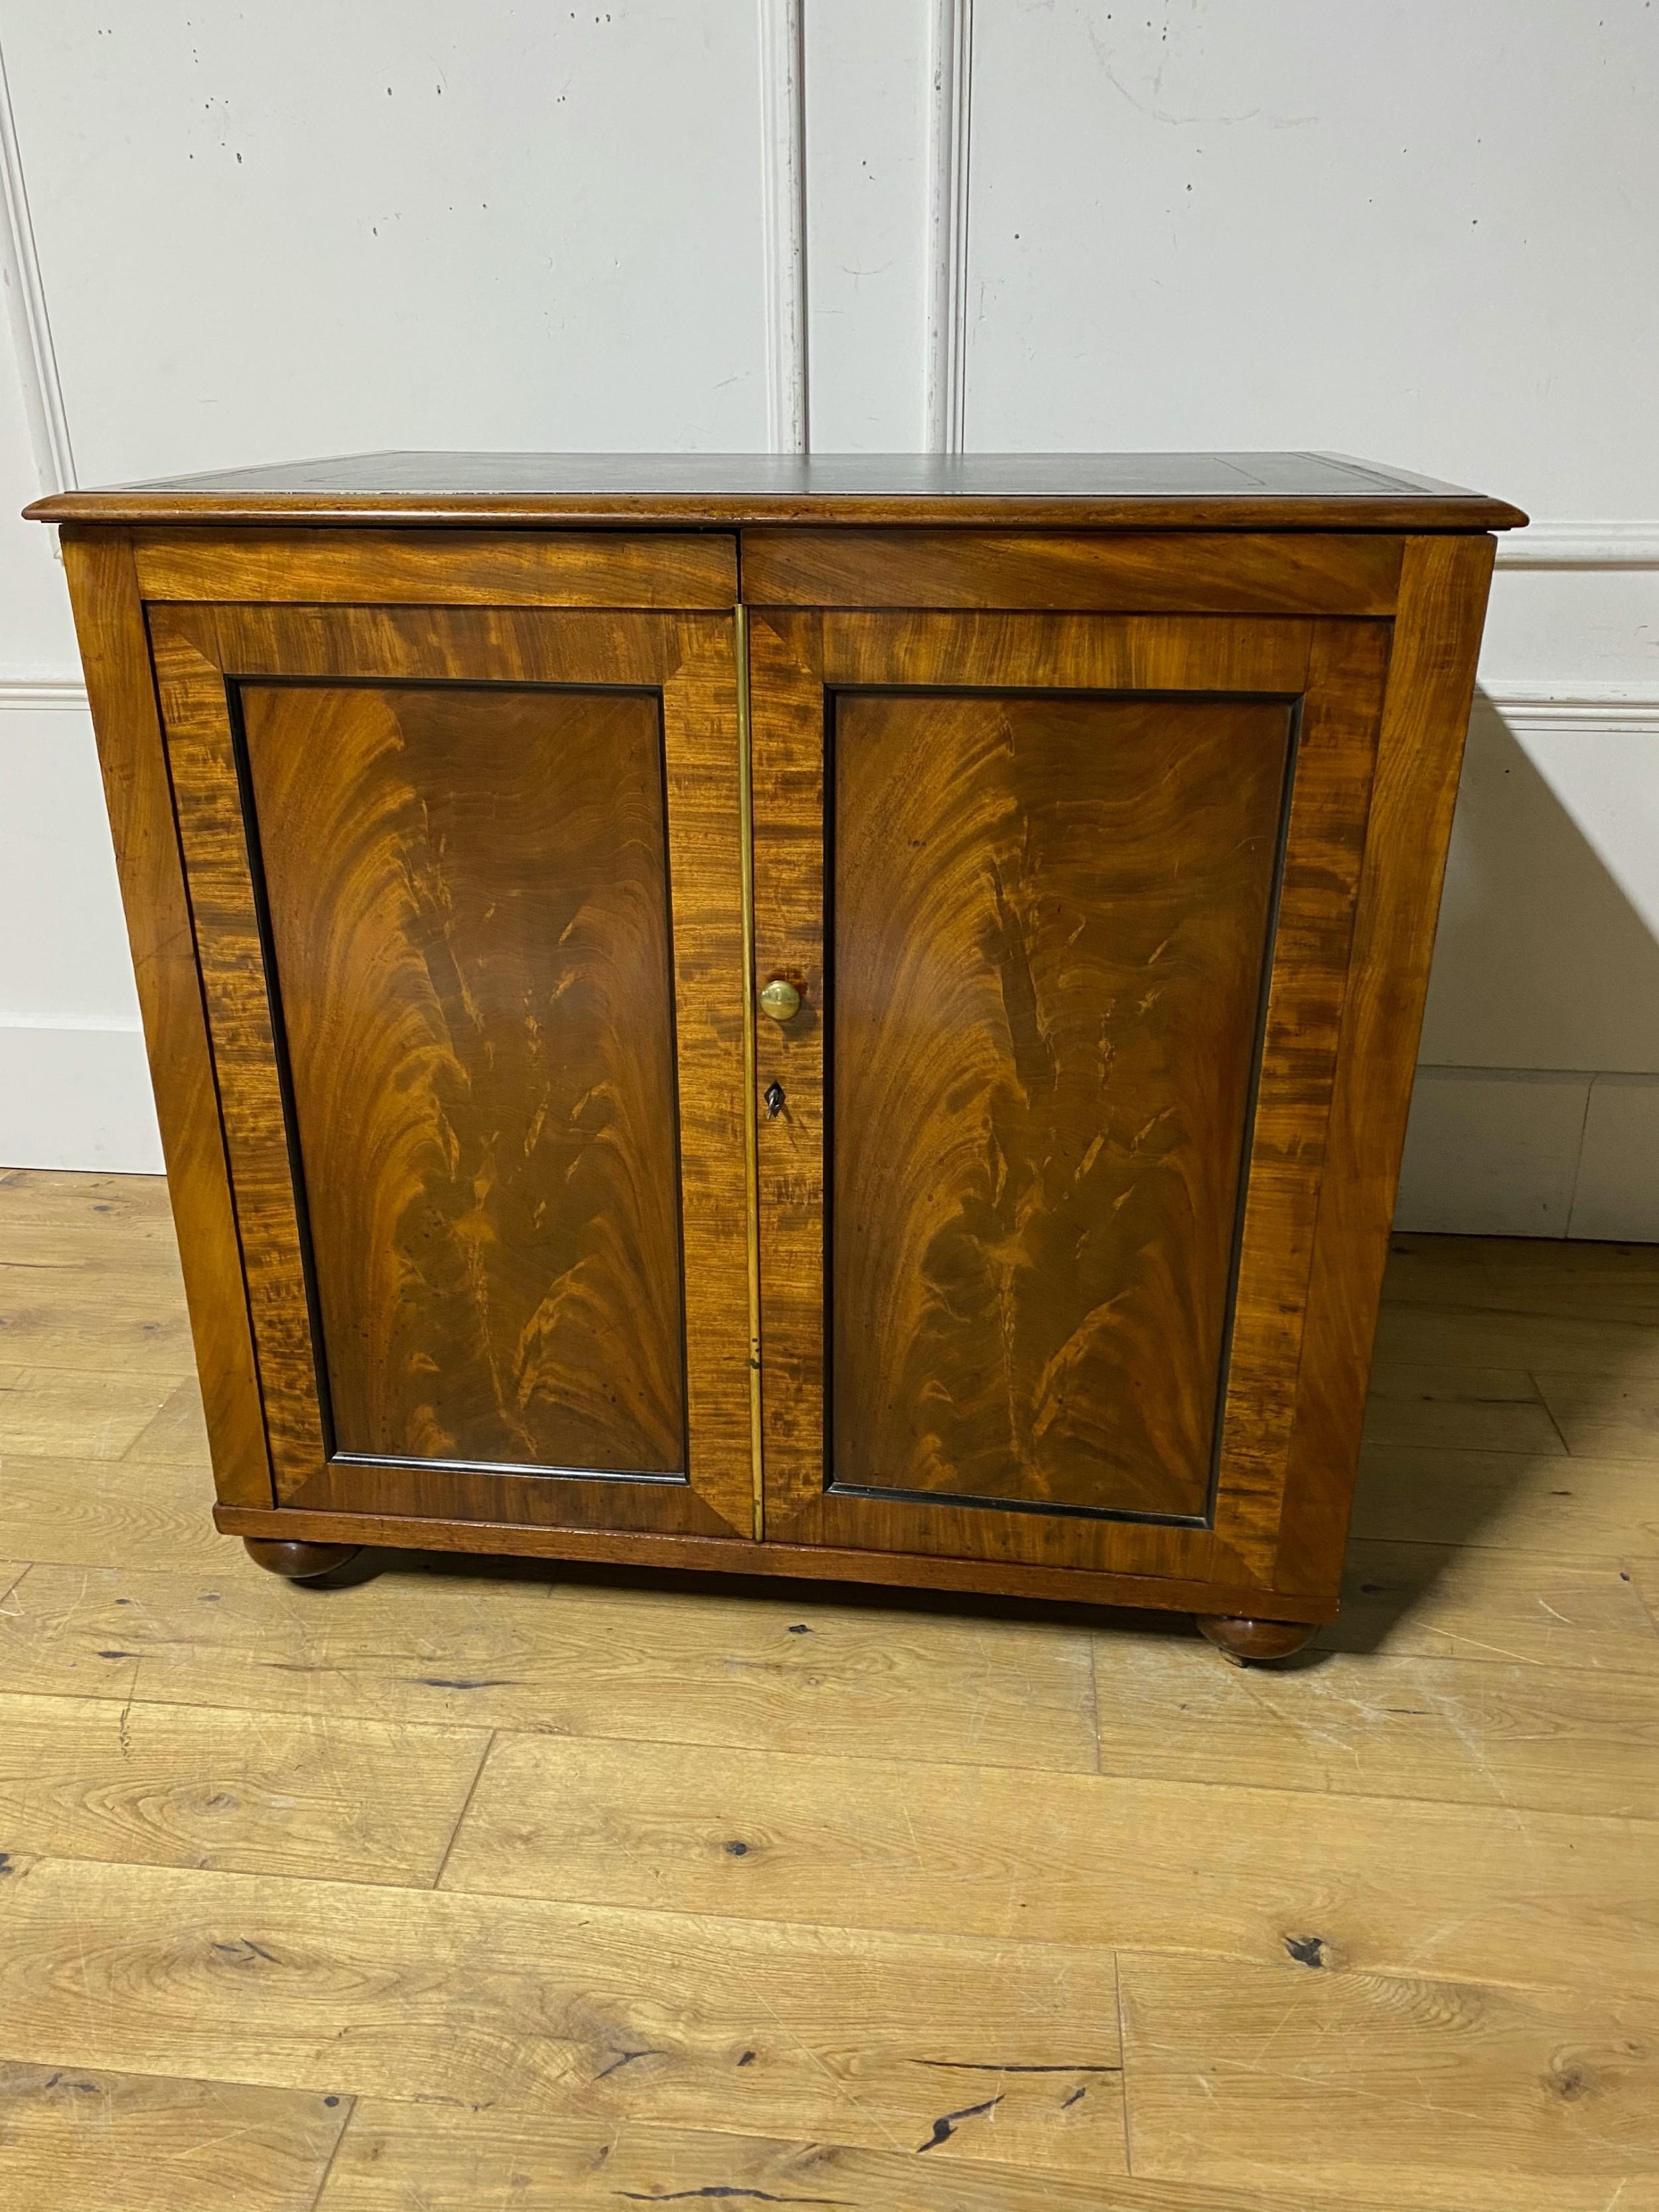 19th century mahogany library folioplan cabinet